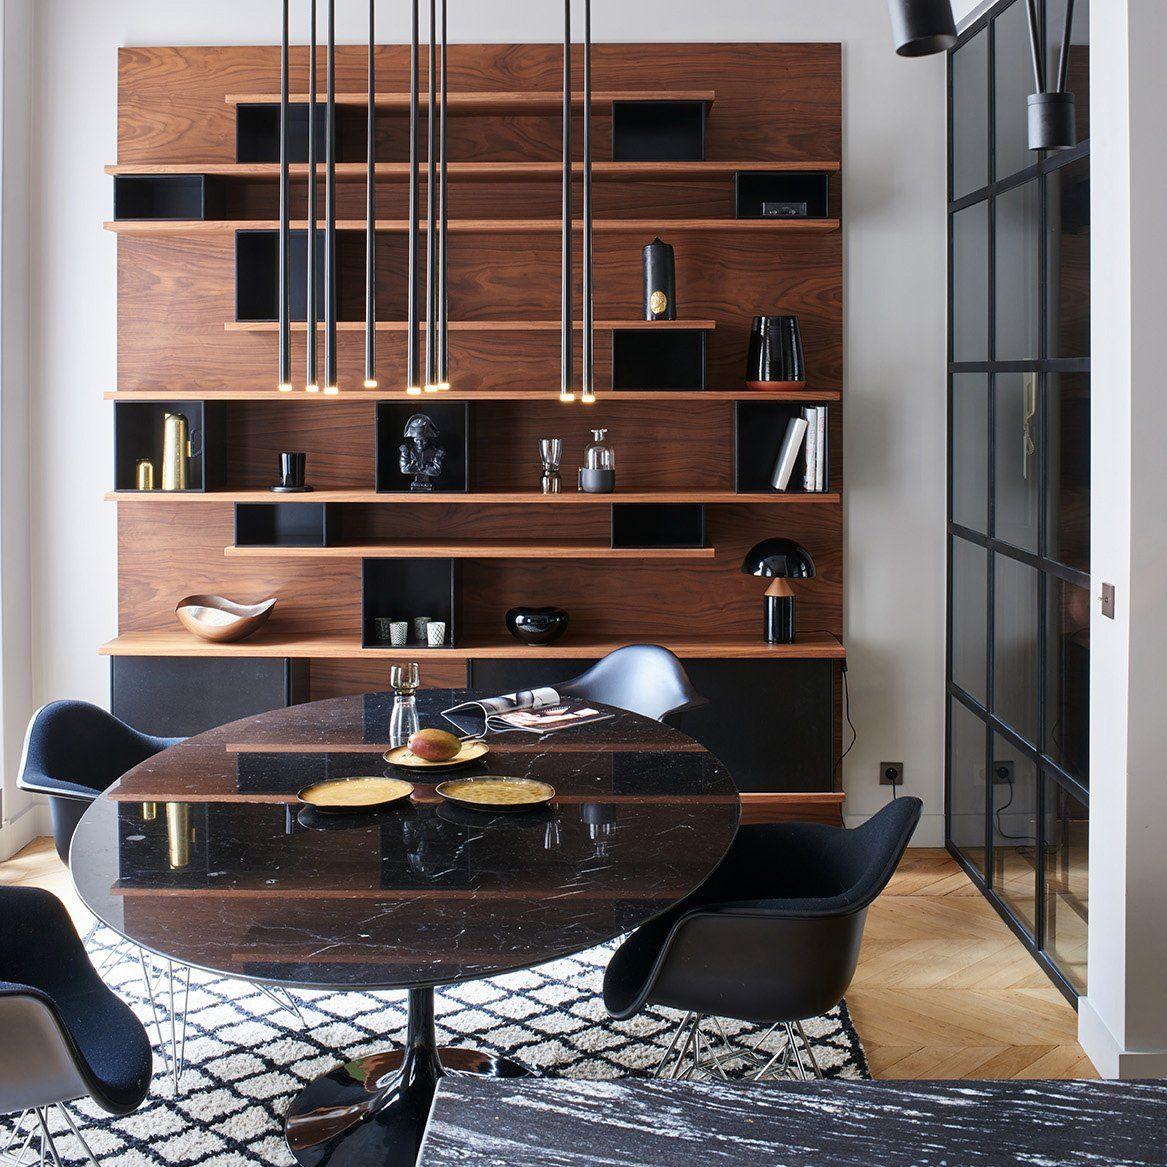 Une Coin Salle Manger Avec Une Biblioth Que Archi Design En Bois  # Une Table A Tv